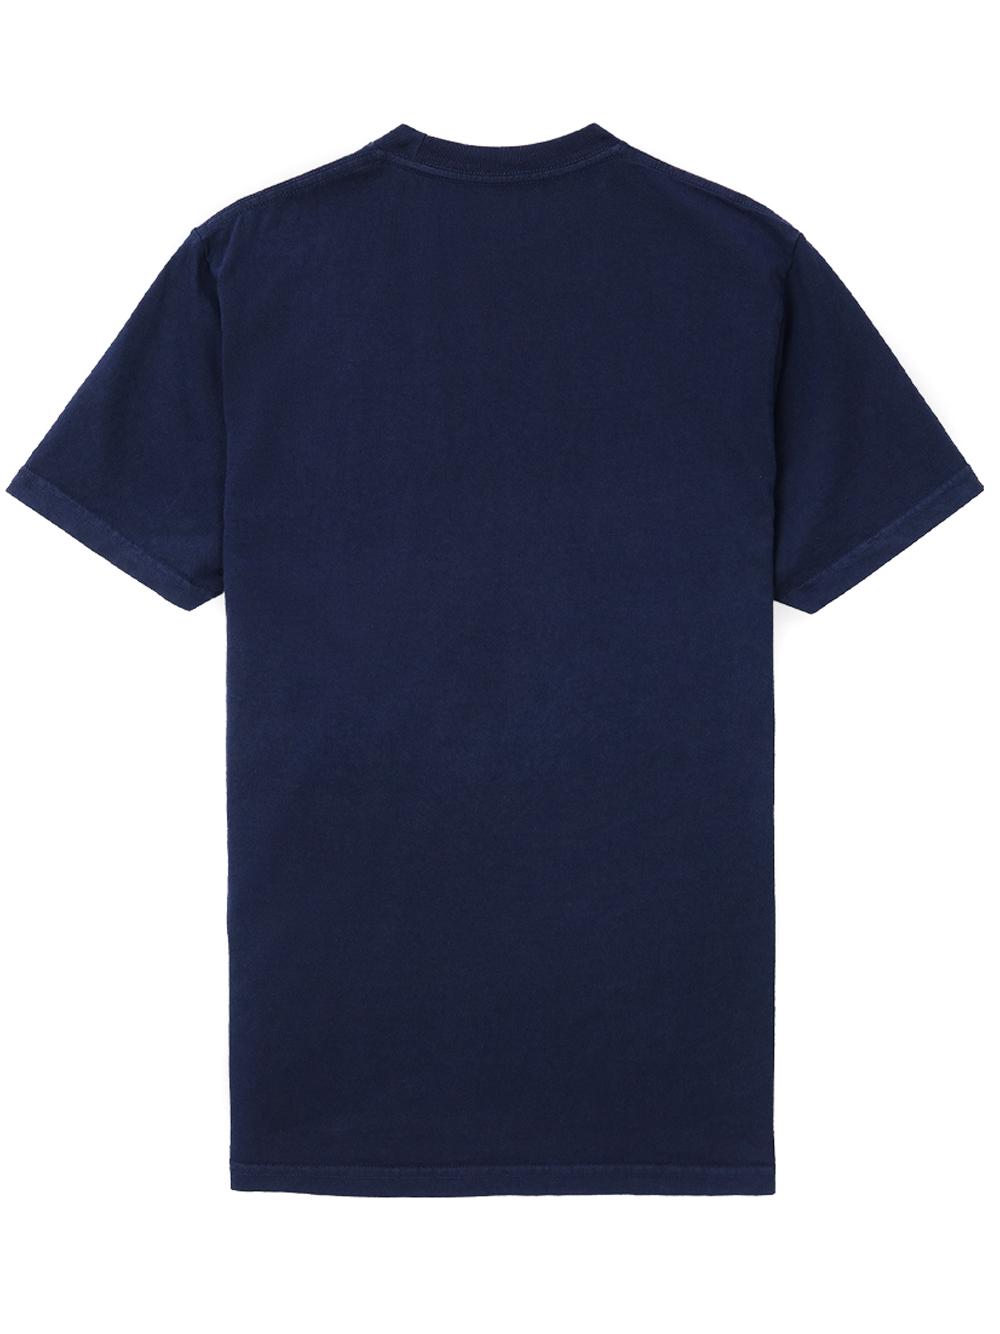 Ball game t-shirt Blue Man Cotton SPORTY & RICH | T-shirts | TS158NA